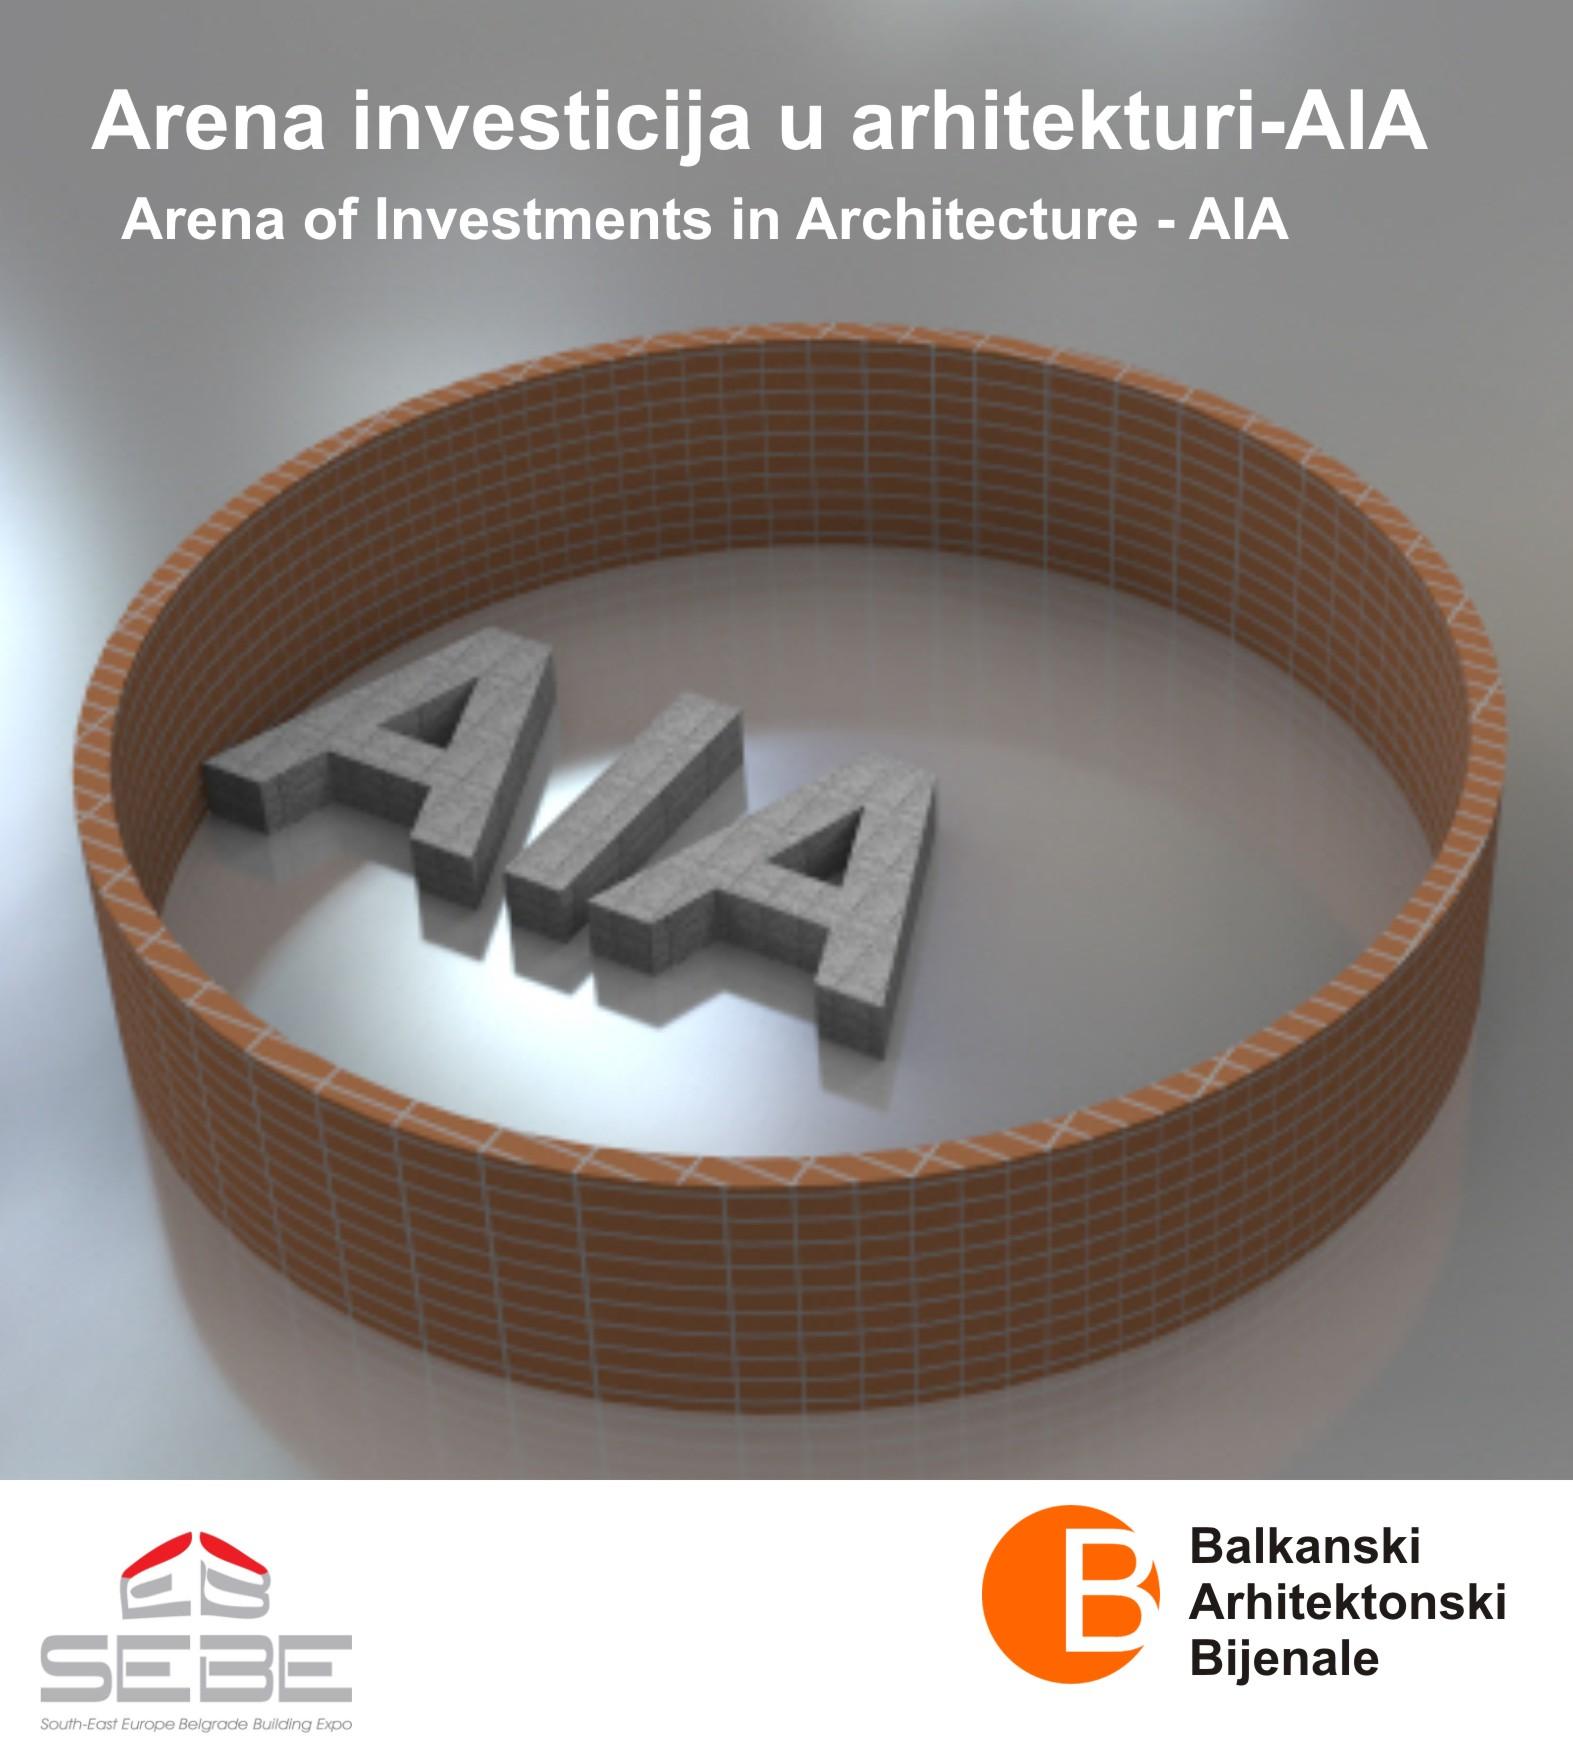 Arena investicija u arhitekturi i urbanizmu – AIA/ Arena of Investments in Architecture – AIA